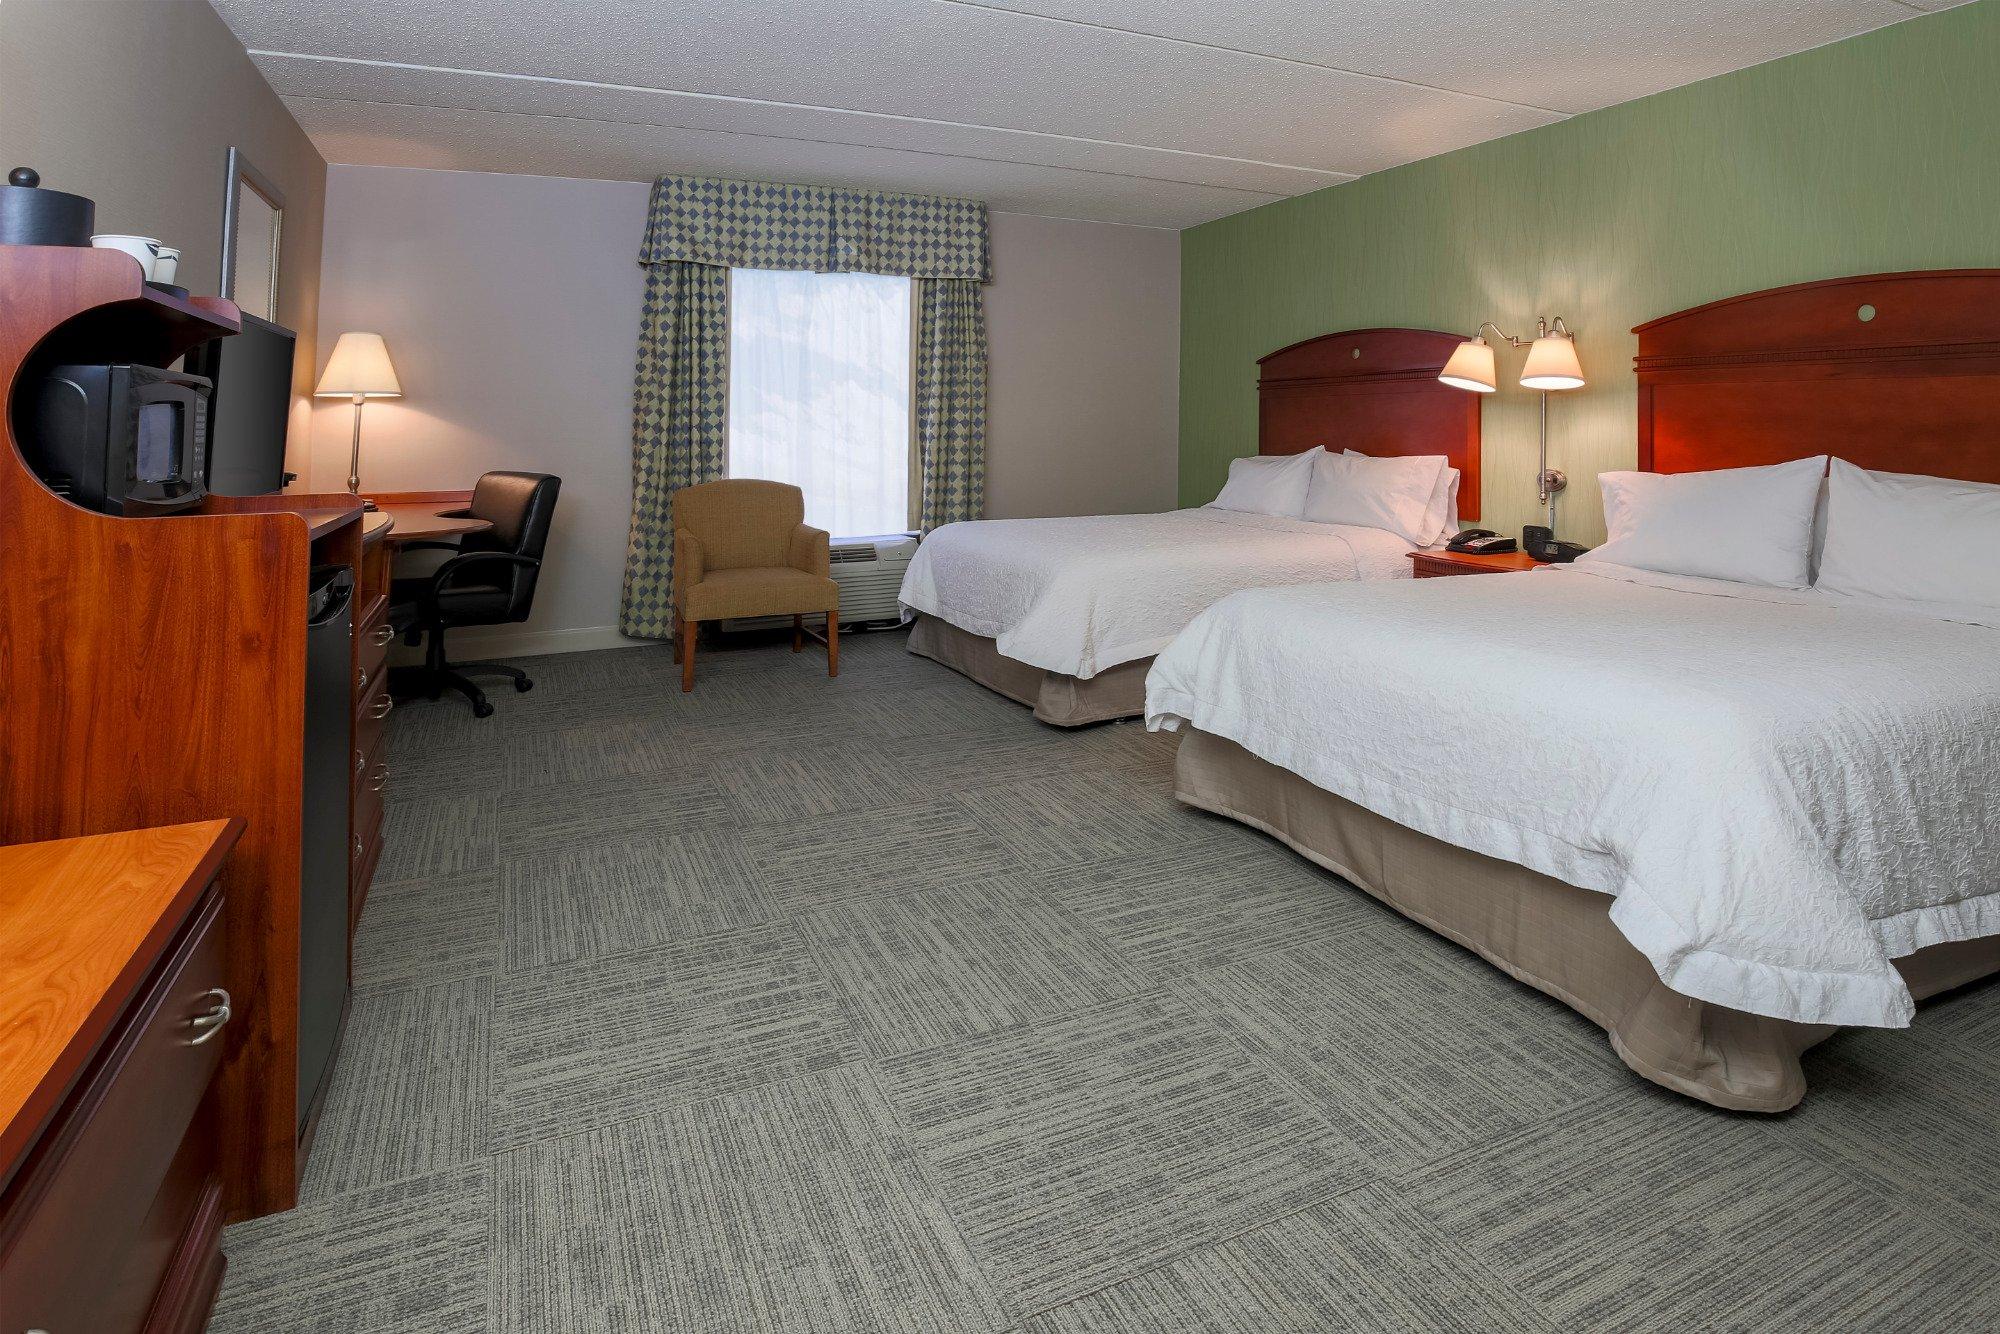 Hampton Inn & Suites New Haven - South - West Haven